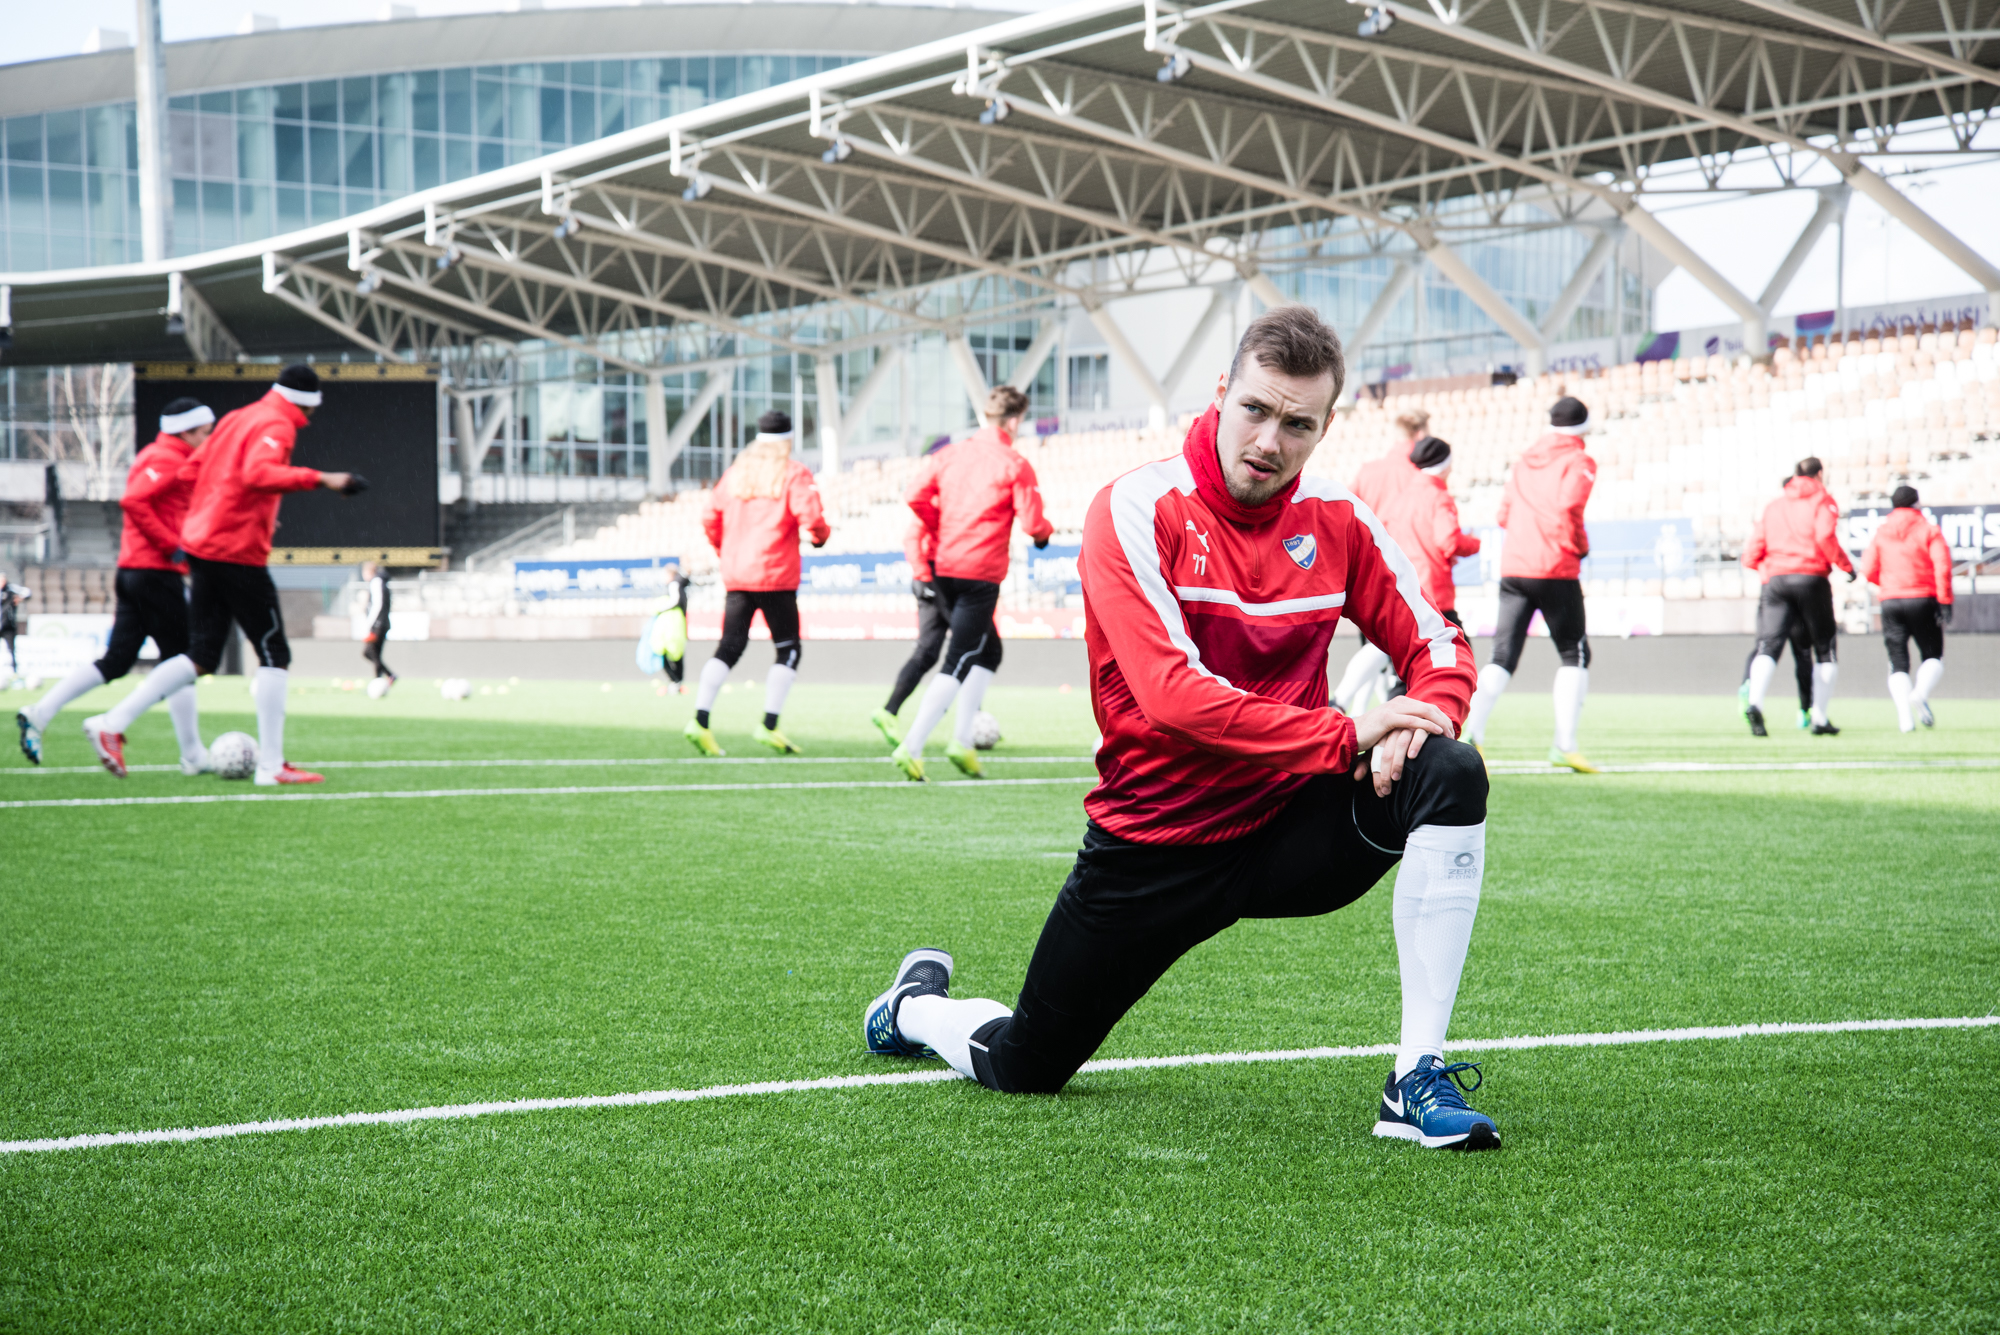 ZeroPoint tukemassa HIFK Fotbollin <br> palautumista kaudella 2017